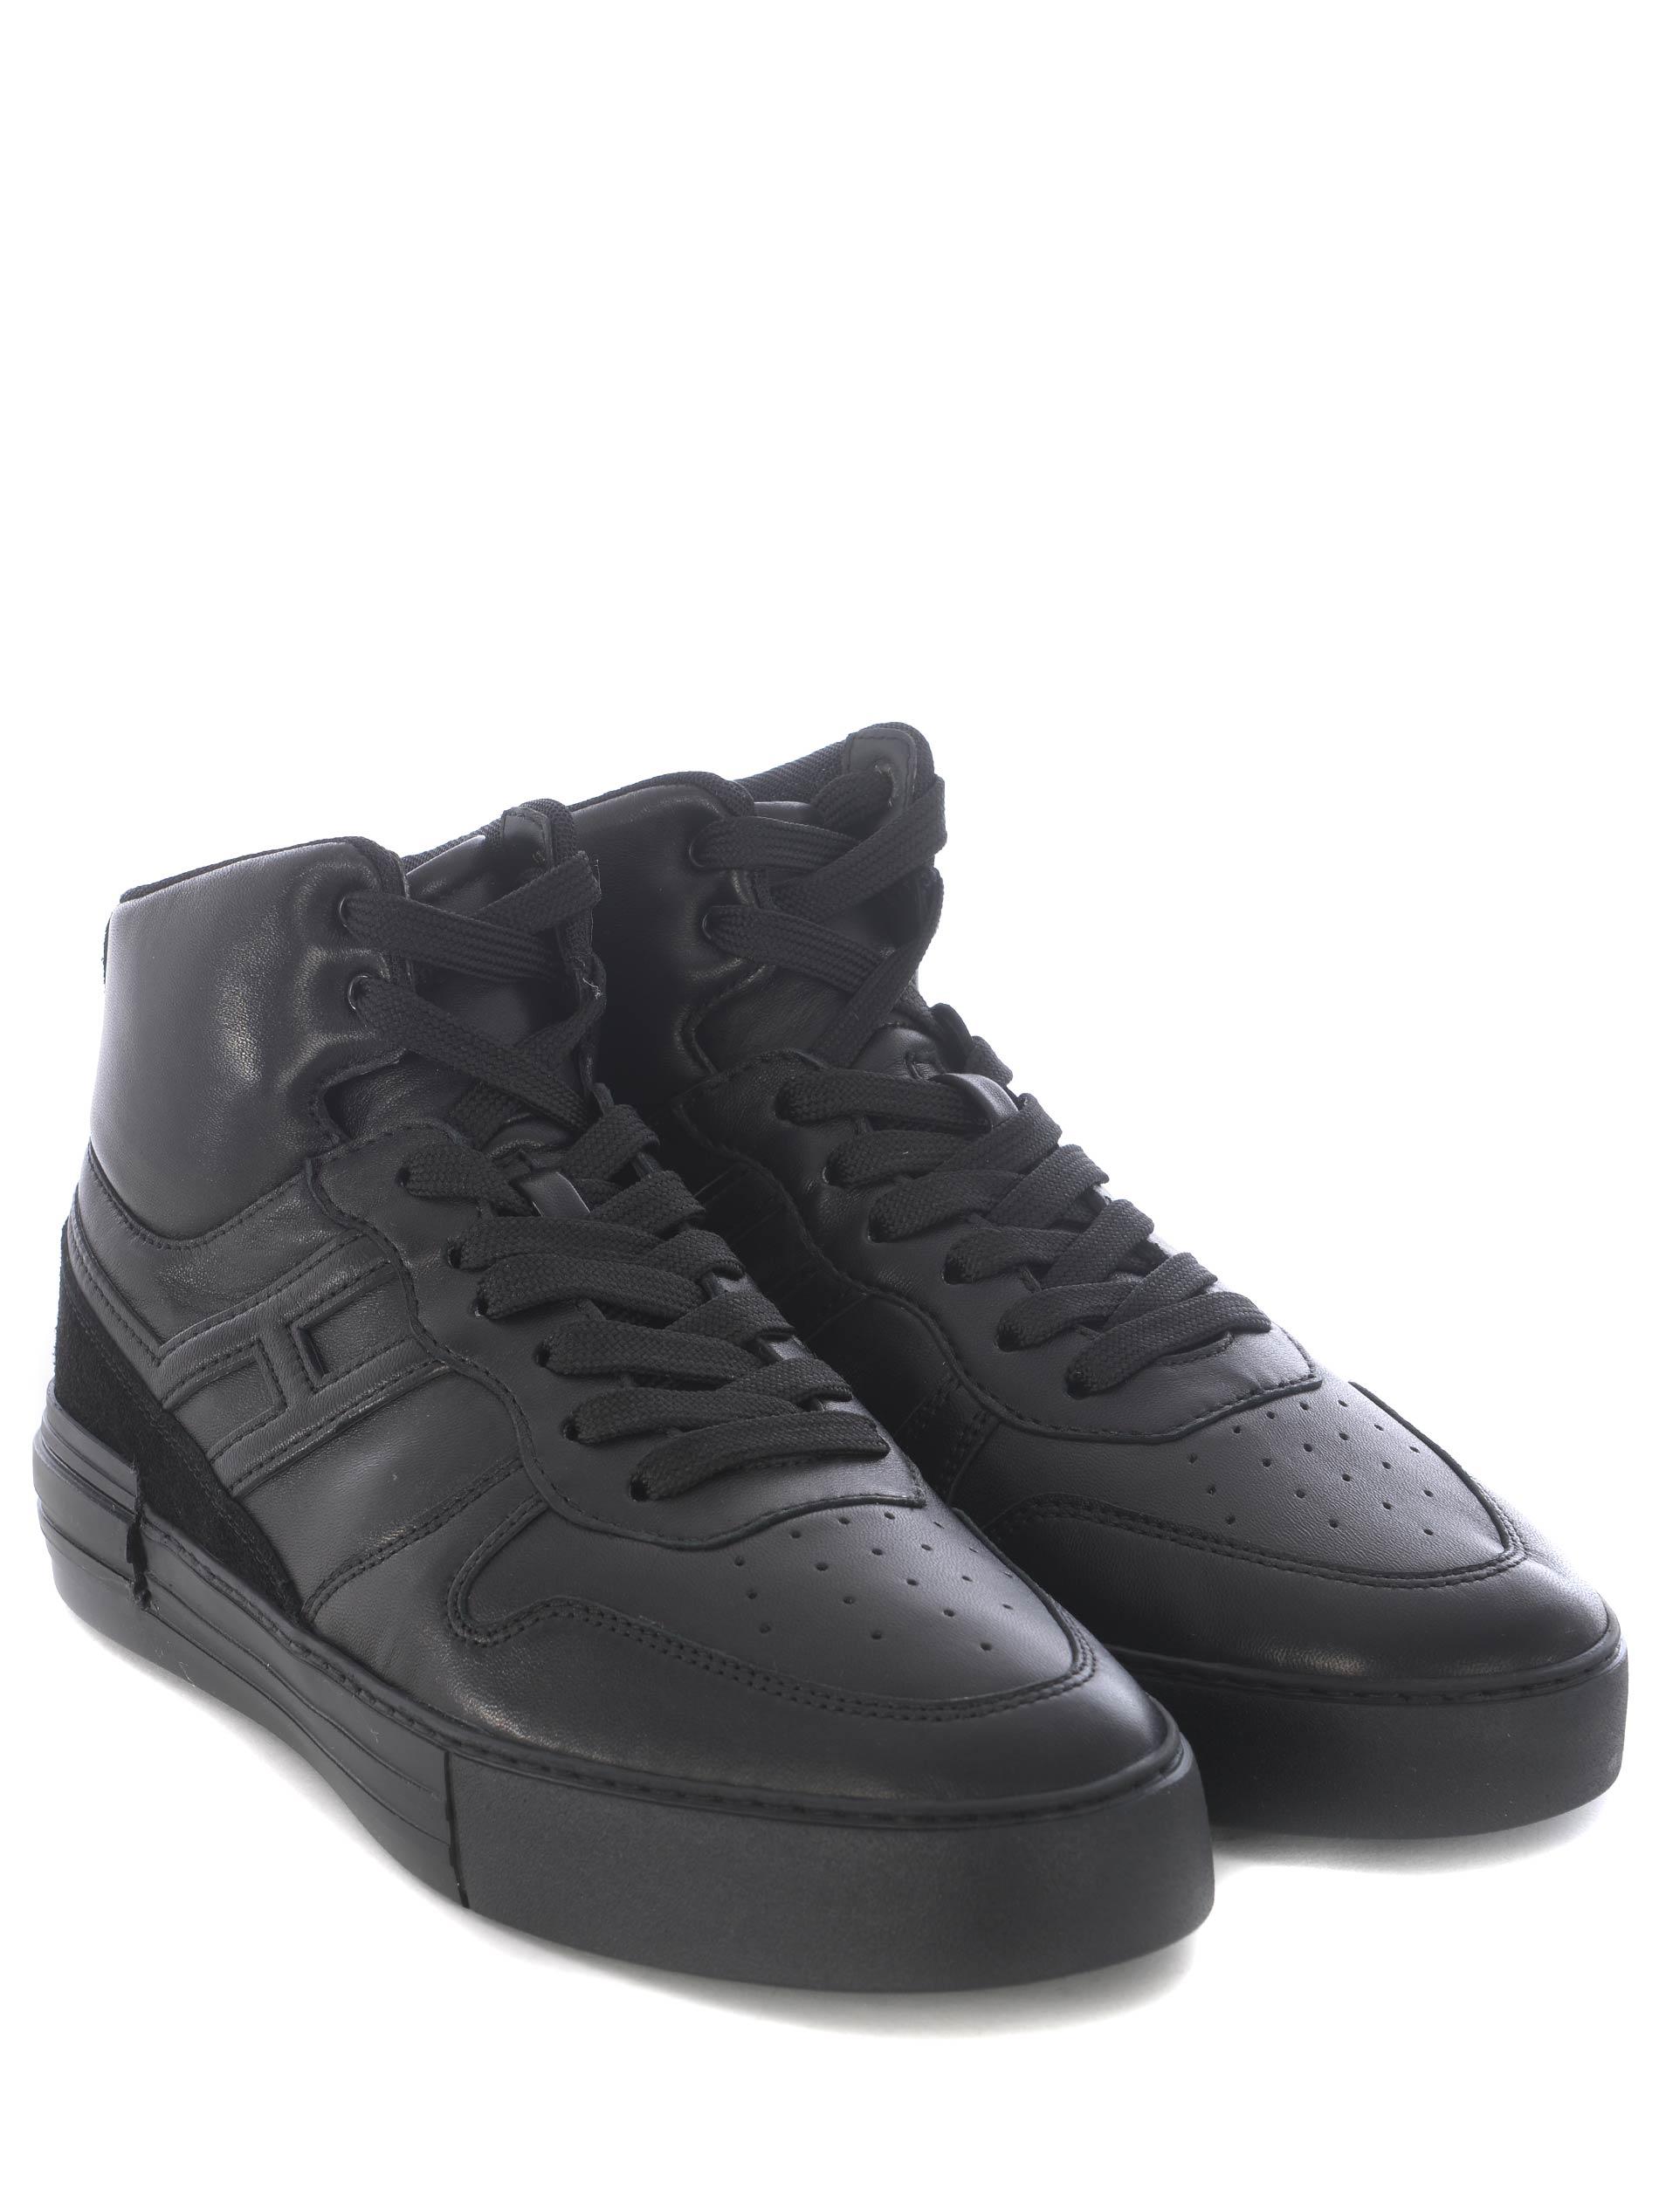 Sneakers Hogan Rebel Basket alto Hogan uomo - HOGAN - TufanoModa